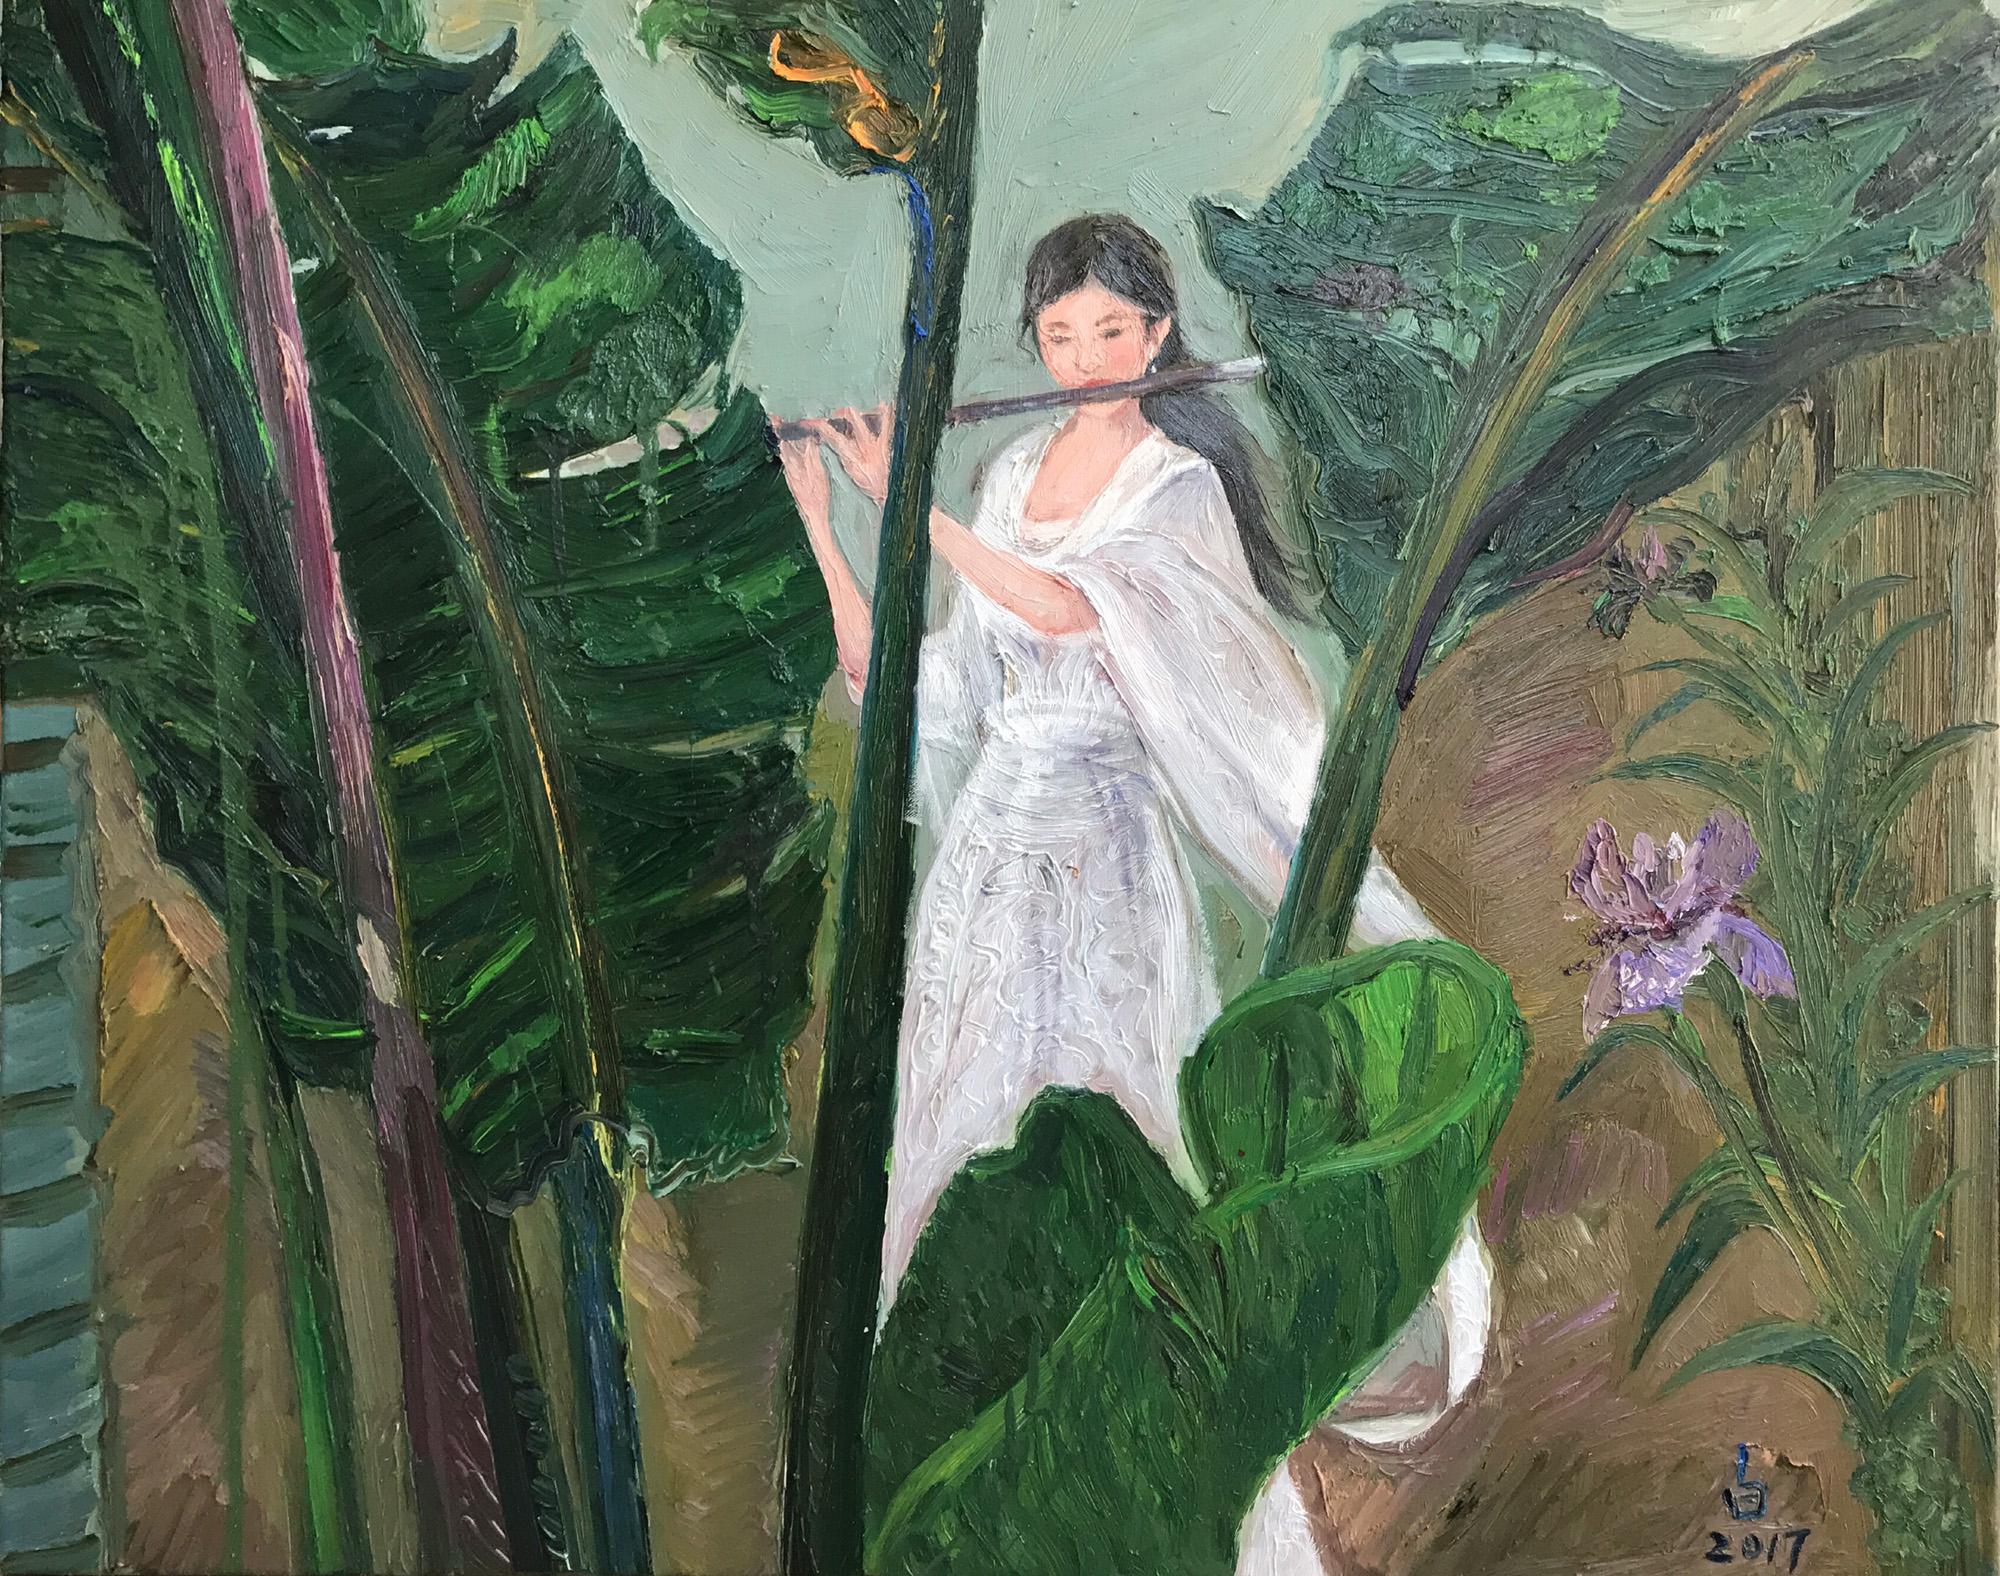 蕉叶箫音 The sound of plantain and vertical bamboo flute